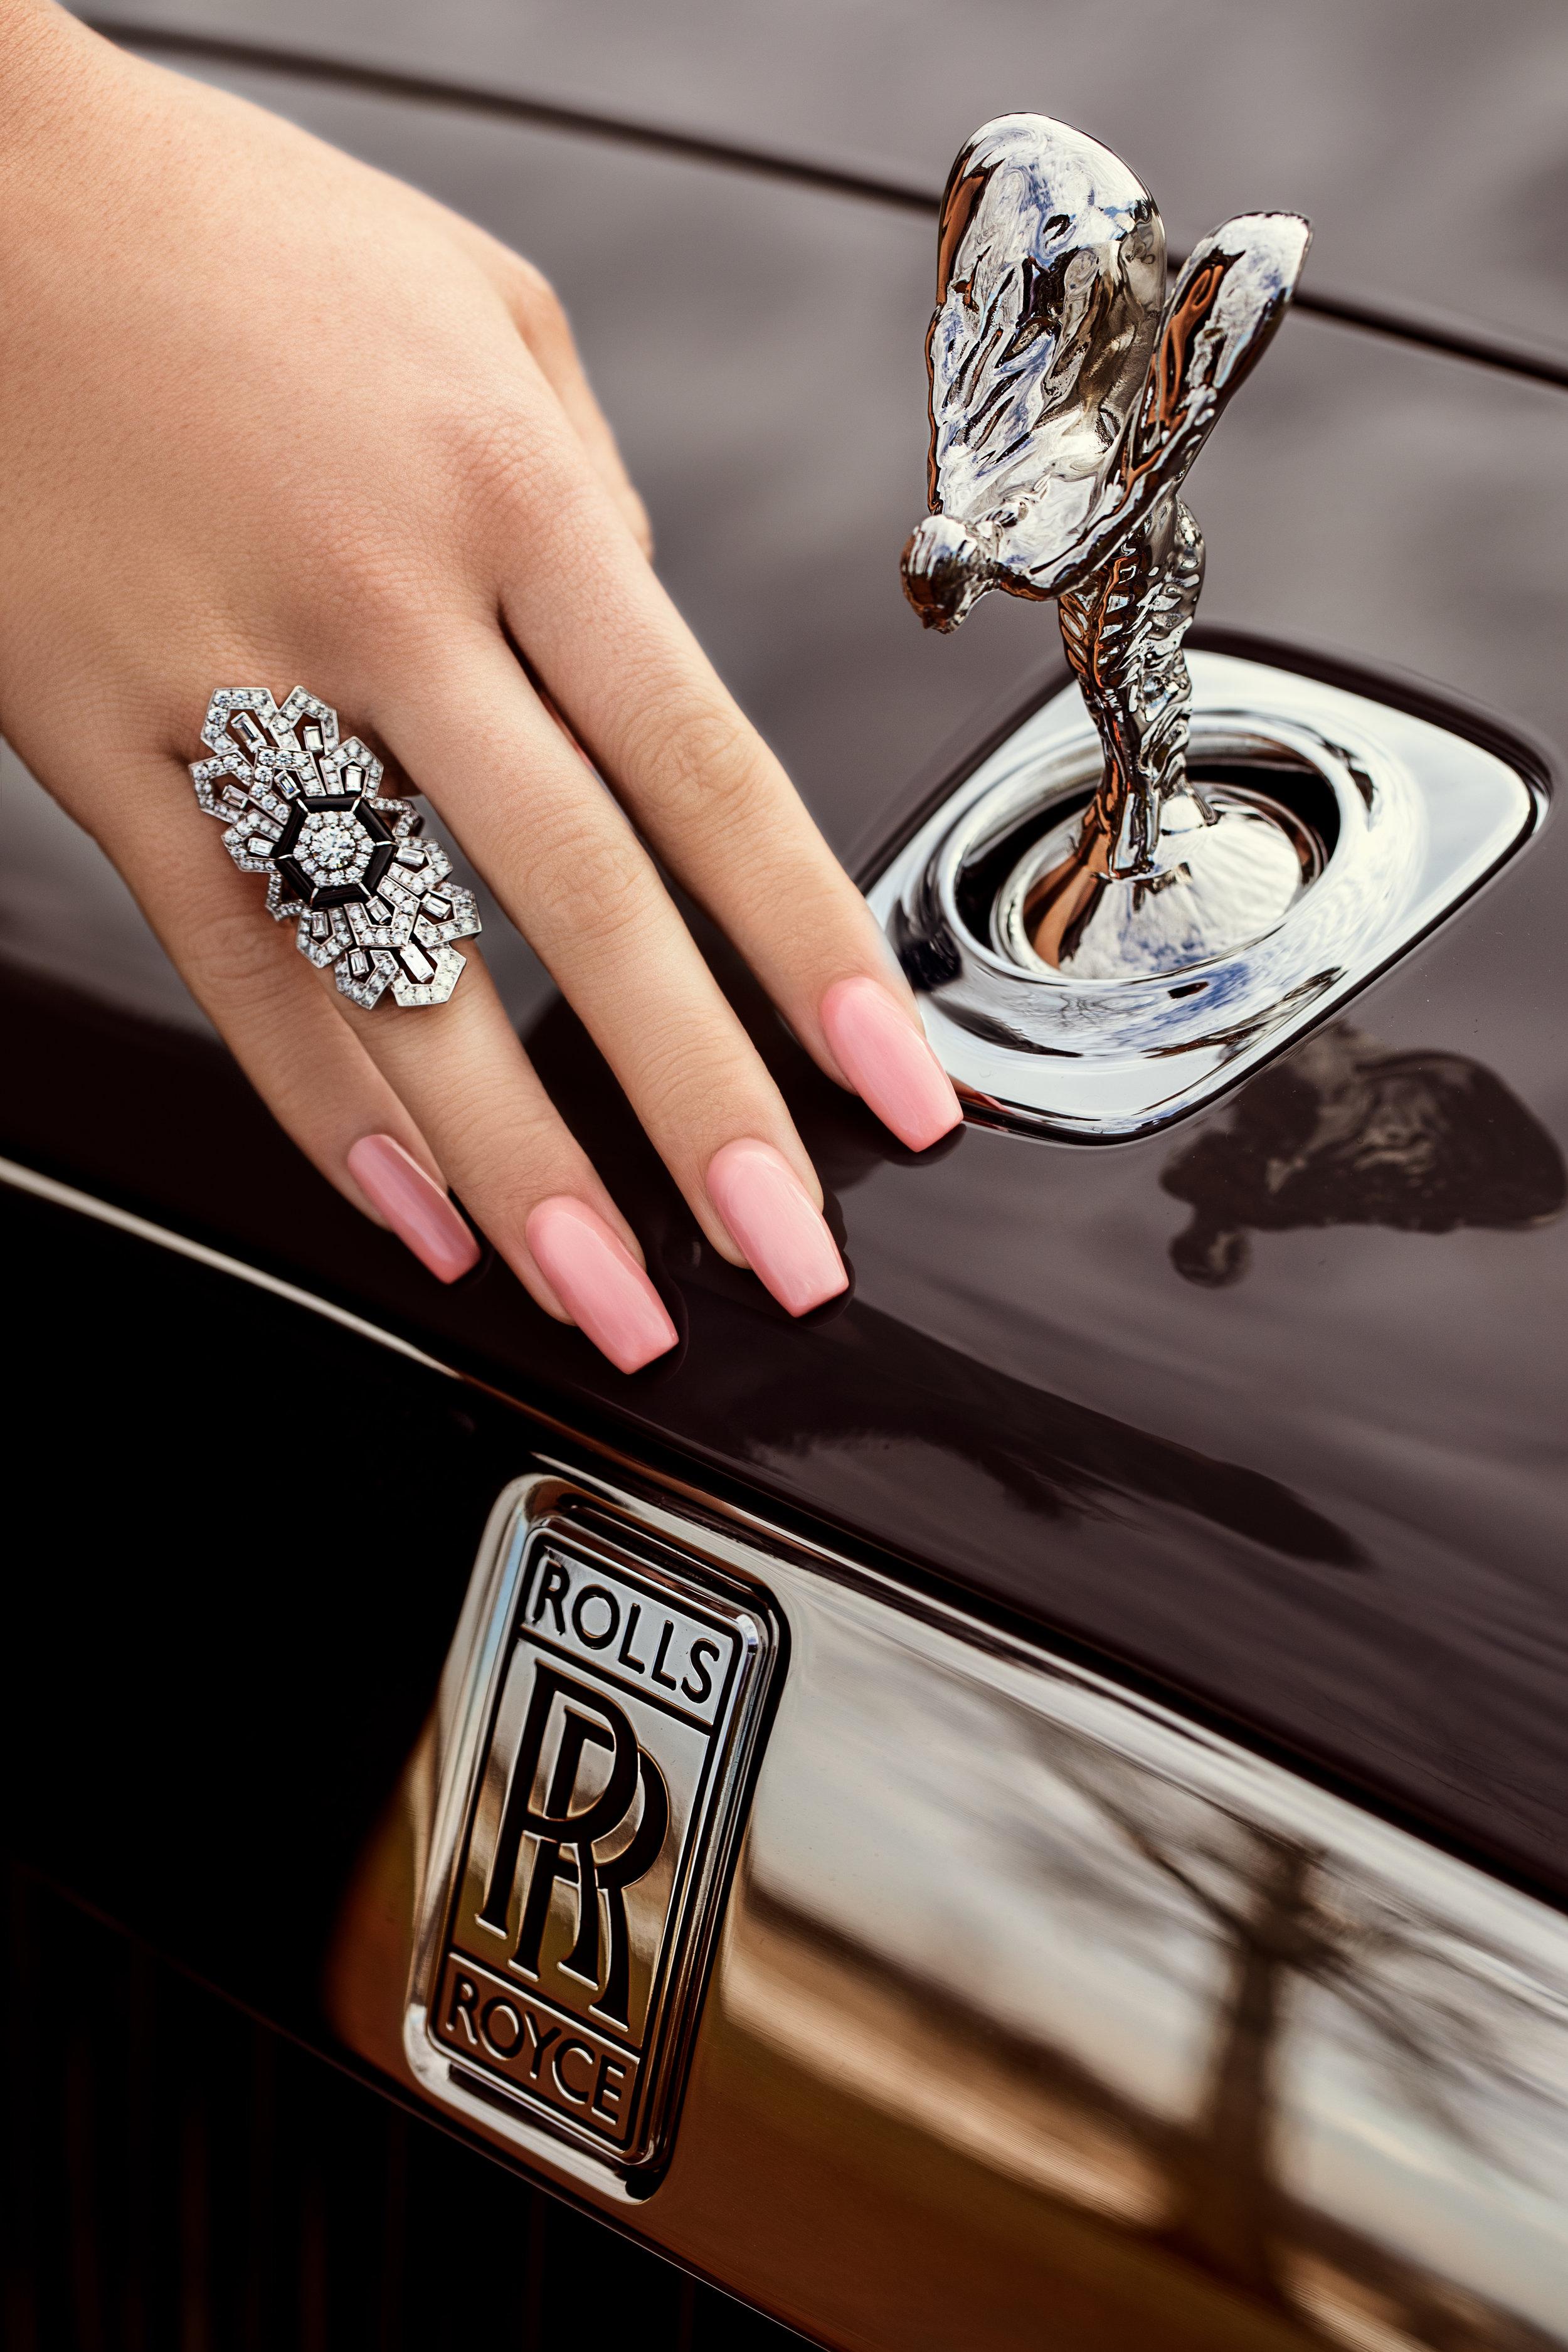 Rolls Royce -